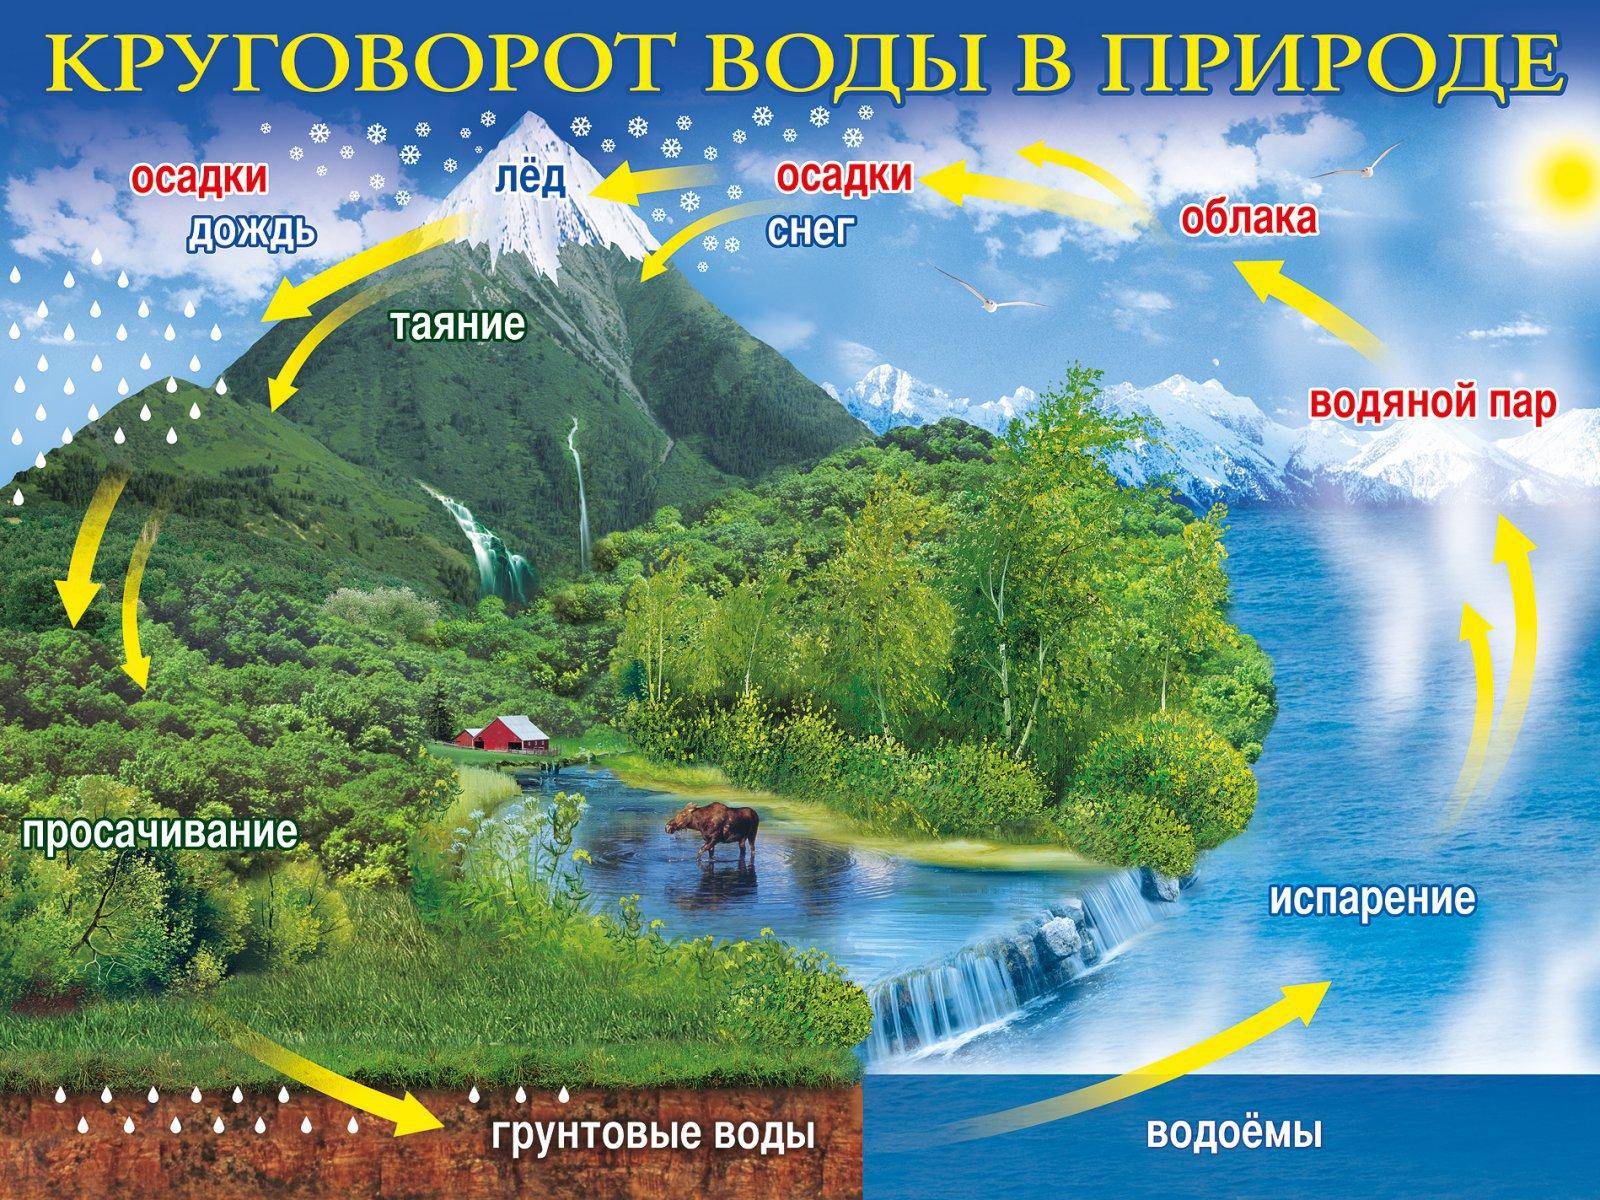 круговорот воды в природе.jpg